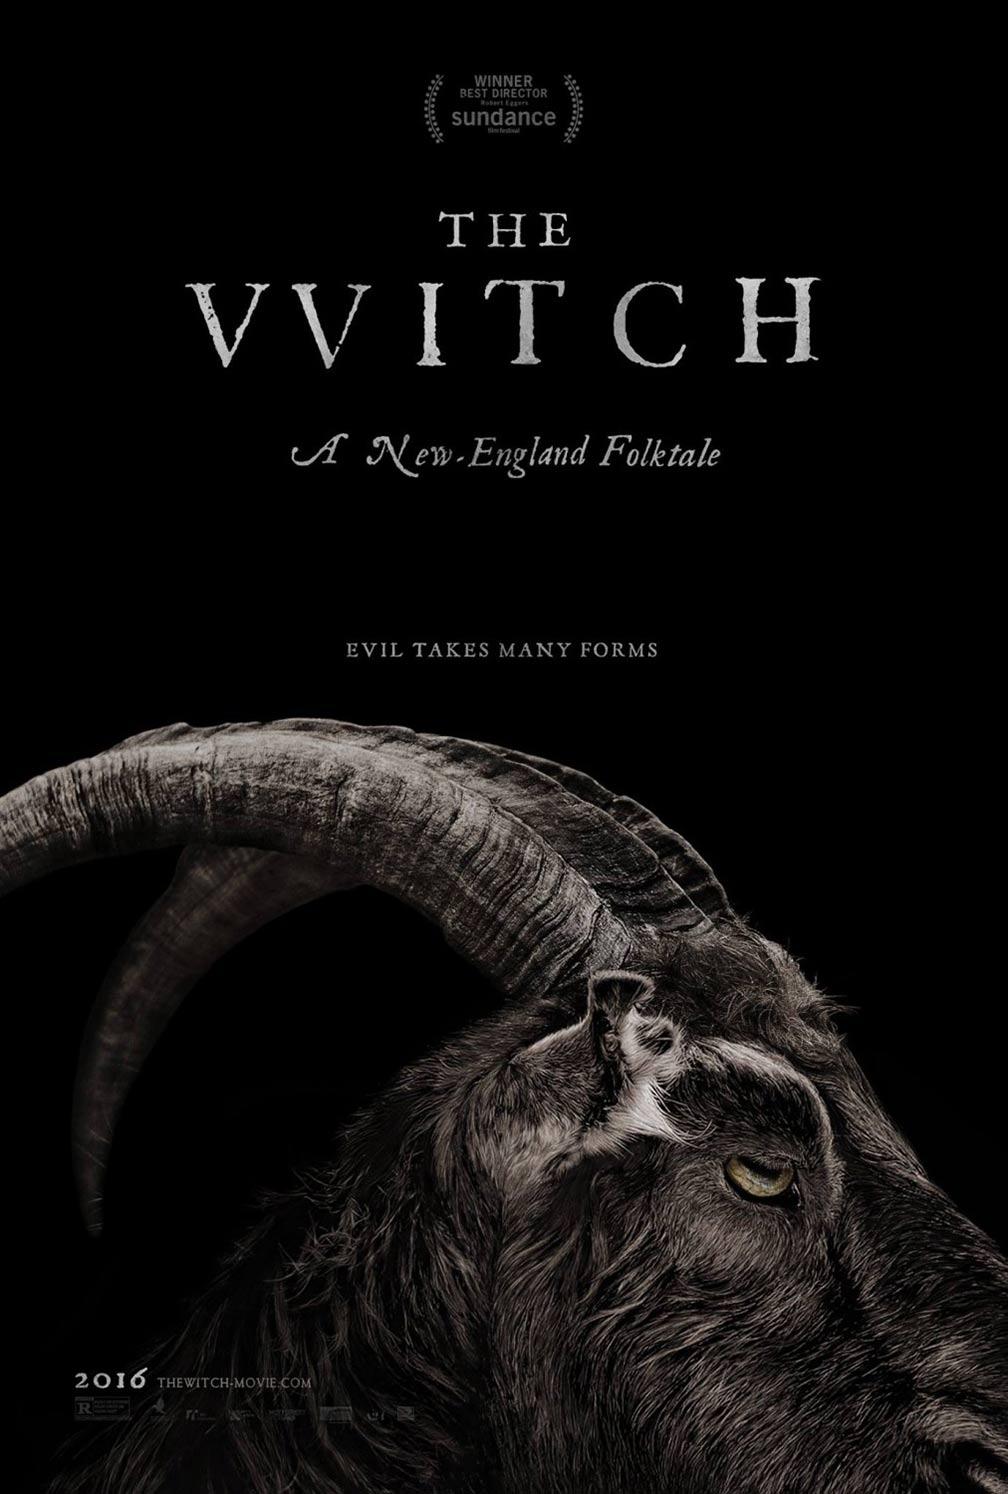 """마녀에 관한 영화, """"THE WITCH"""" 입니다."""